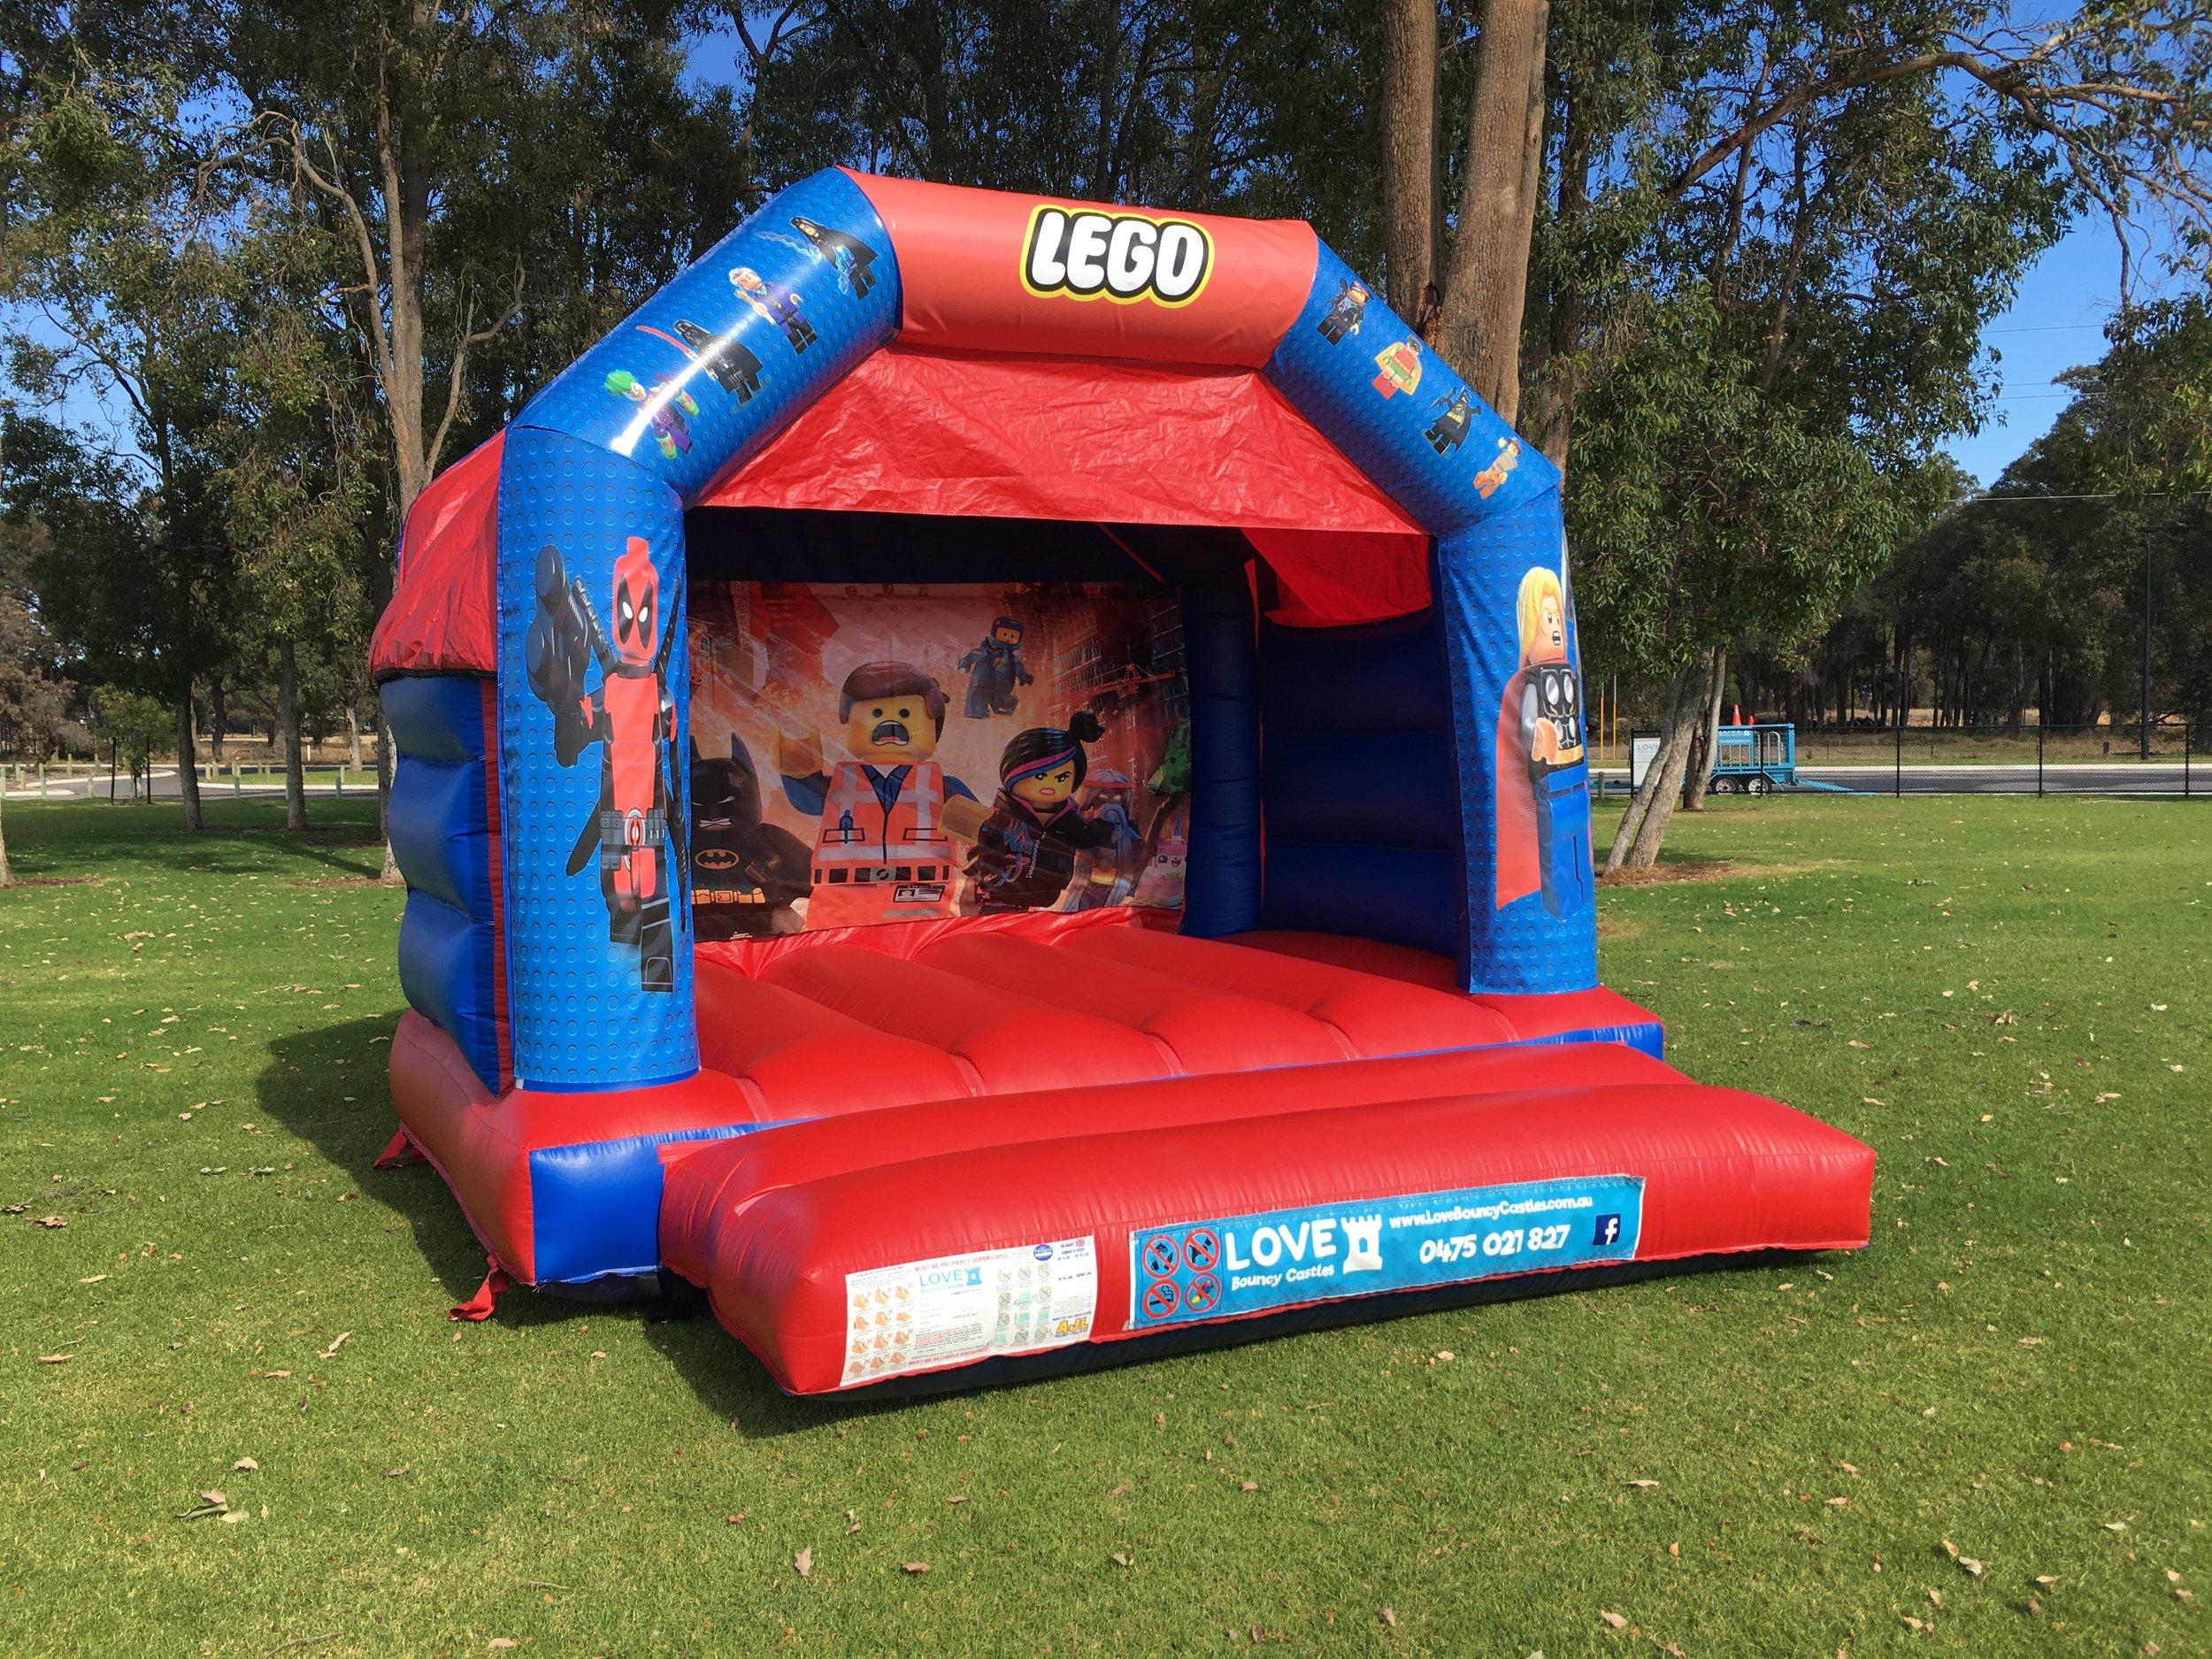 Lego Bouncy Castle Hire Rockingham